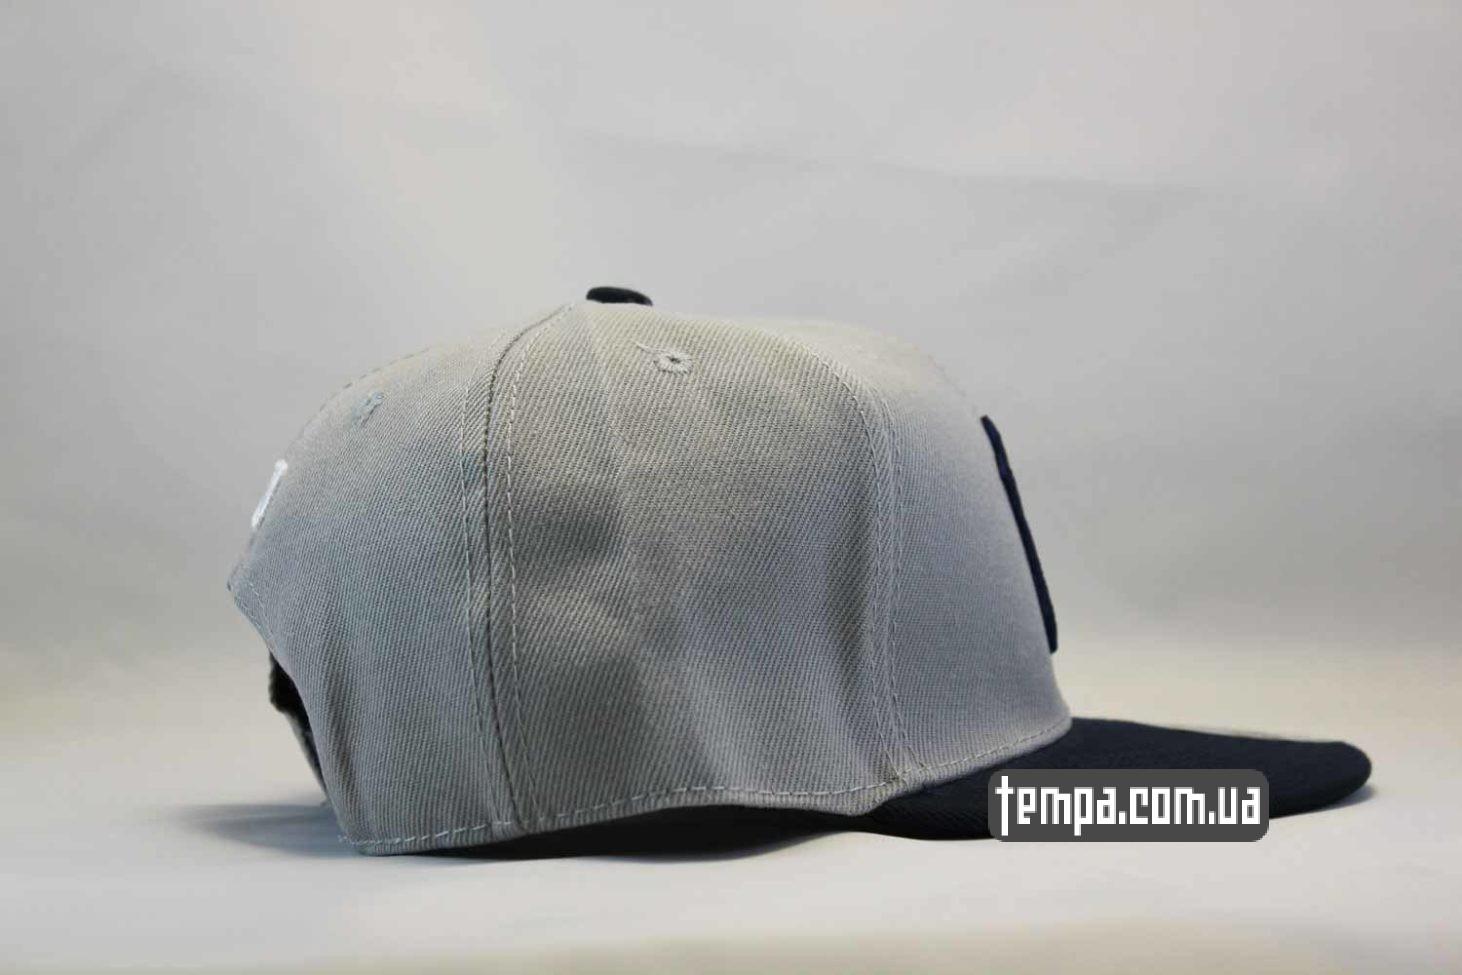 янкис нью йорк нью эра кепка snapback Yankees New York NY New Era серая с синим логотипом